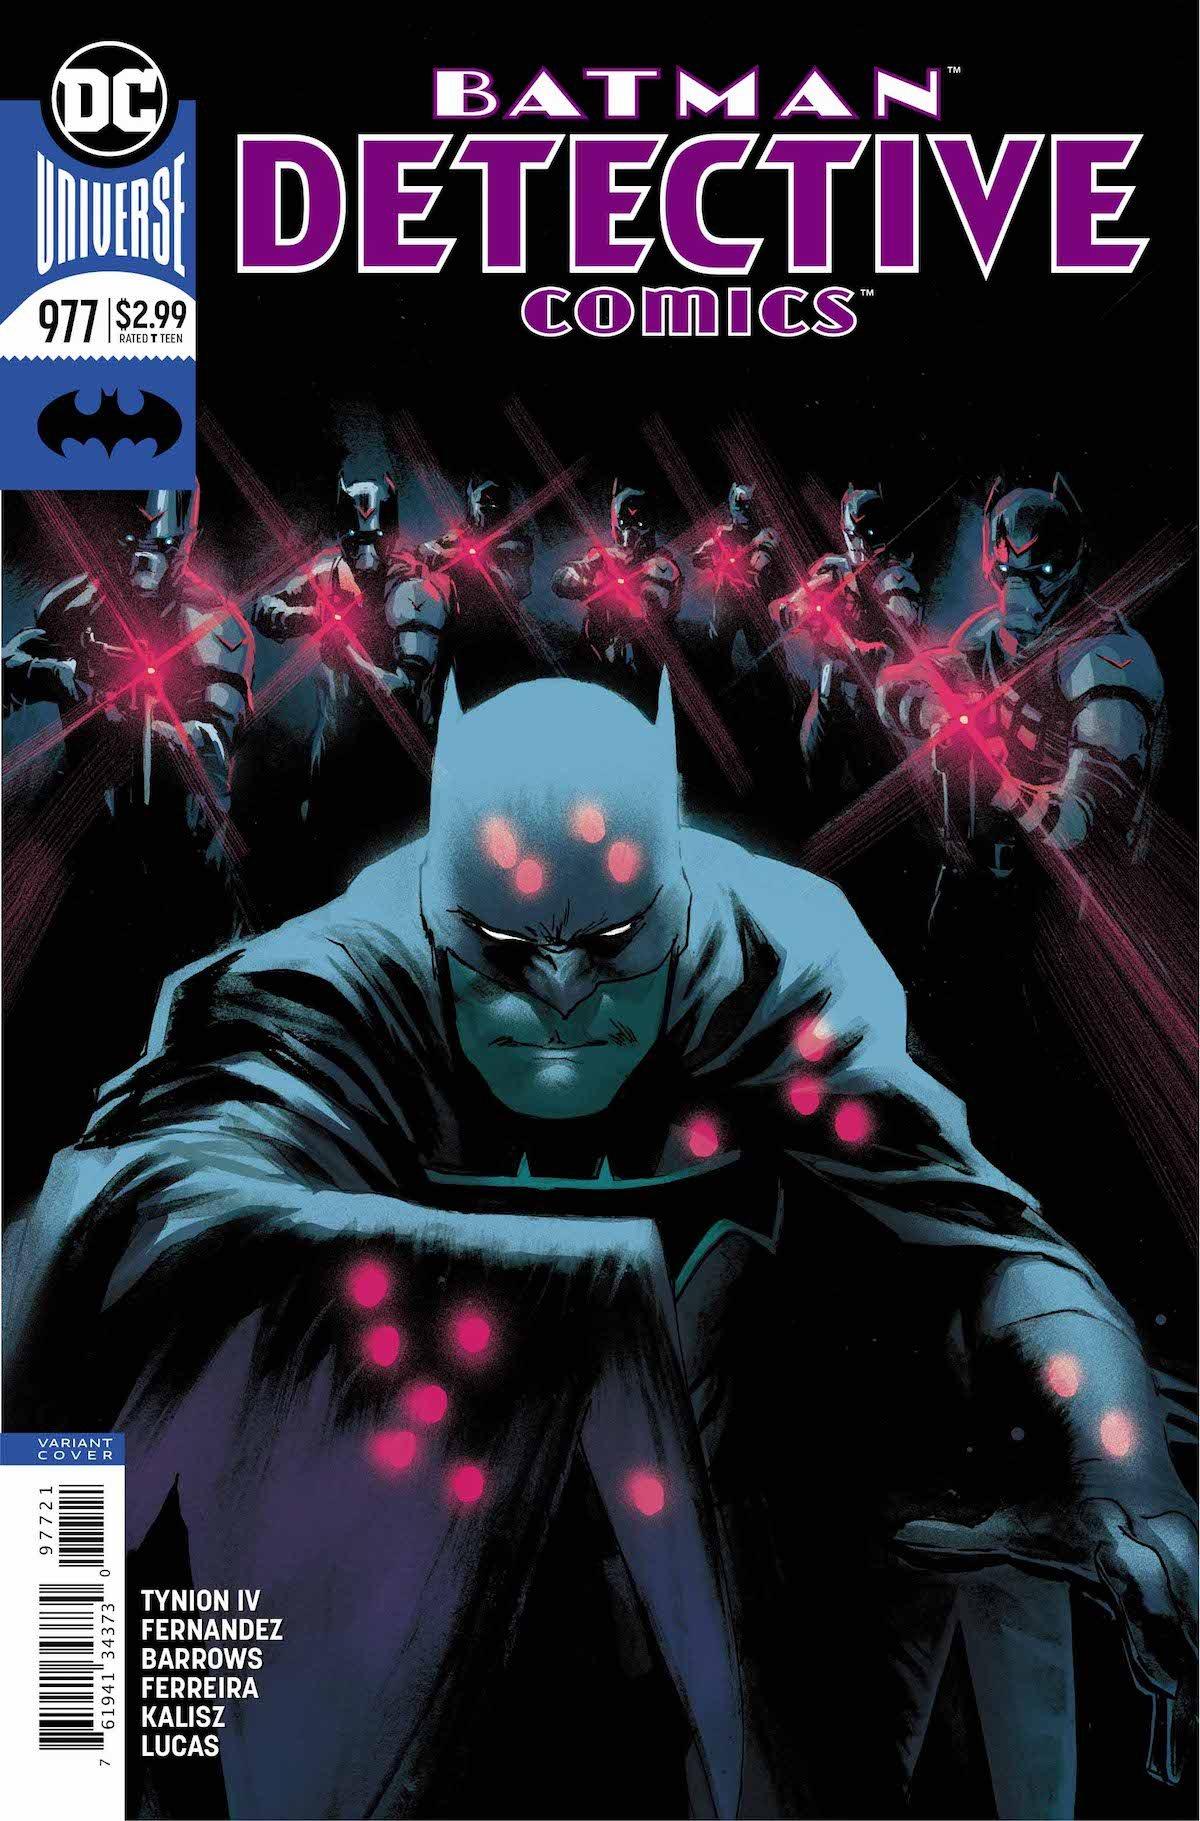 Detective Comics #977 variant cover